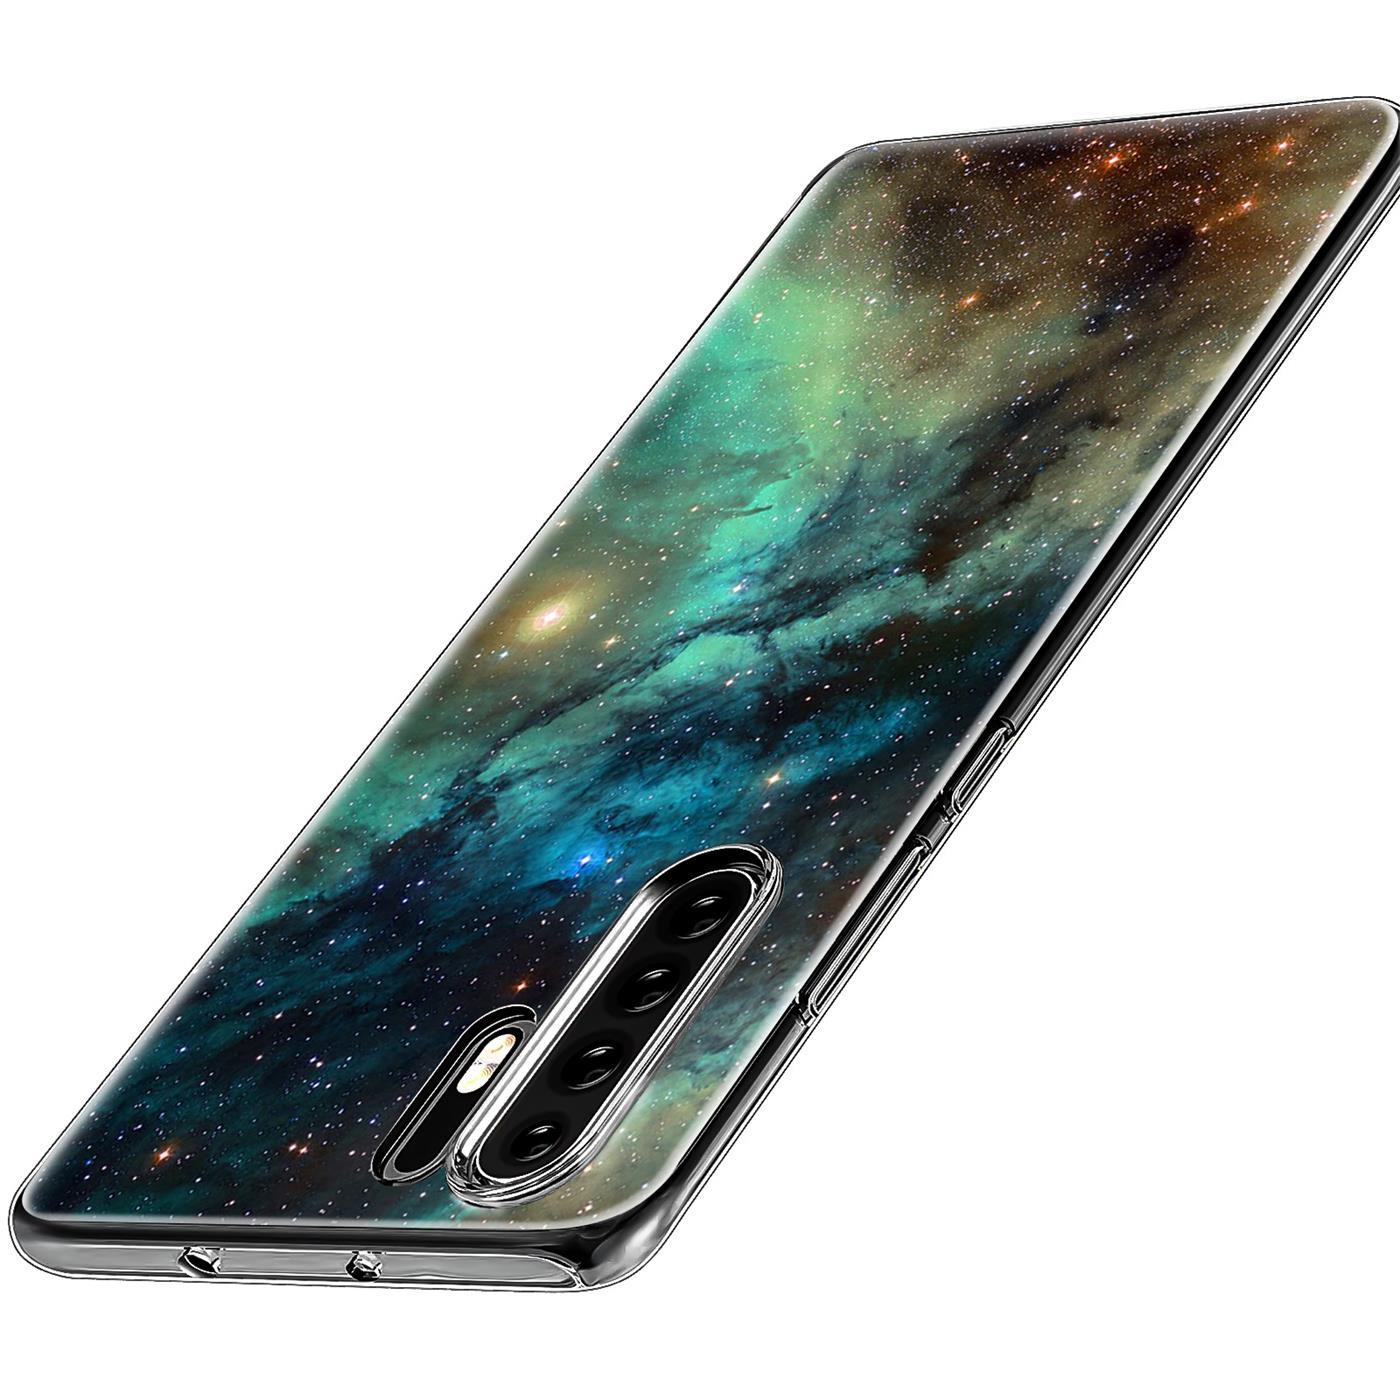 Huawei-P30-Lite-Motiv-Handy-Huelle-Silikon-Tasche-Schutzhuelle-Cover-Slim-TPU-Case Indexbild 9